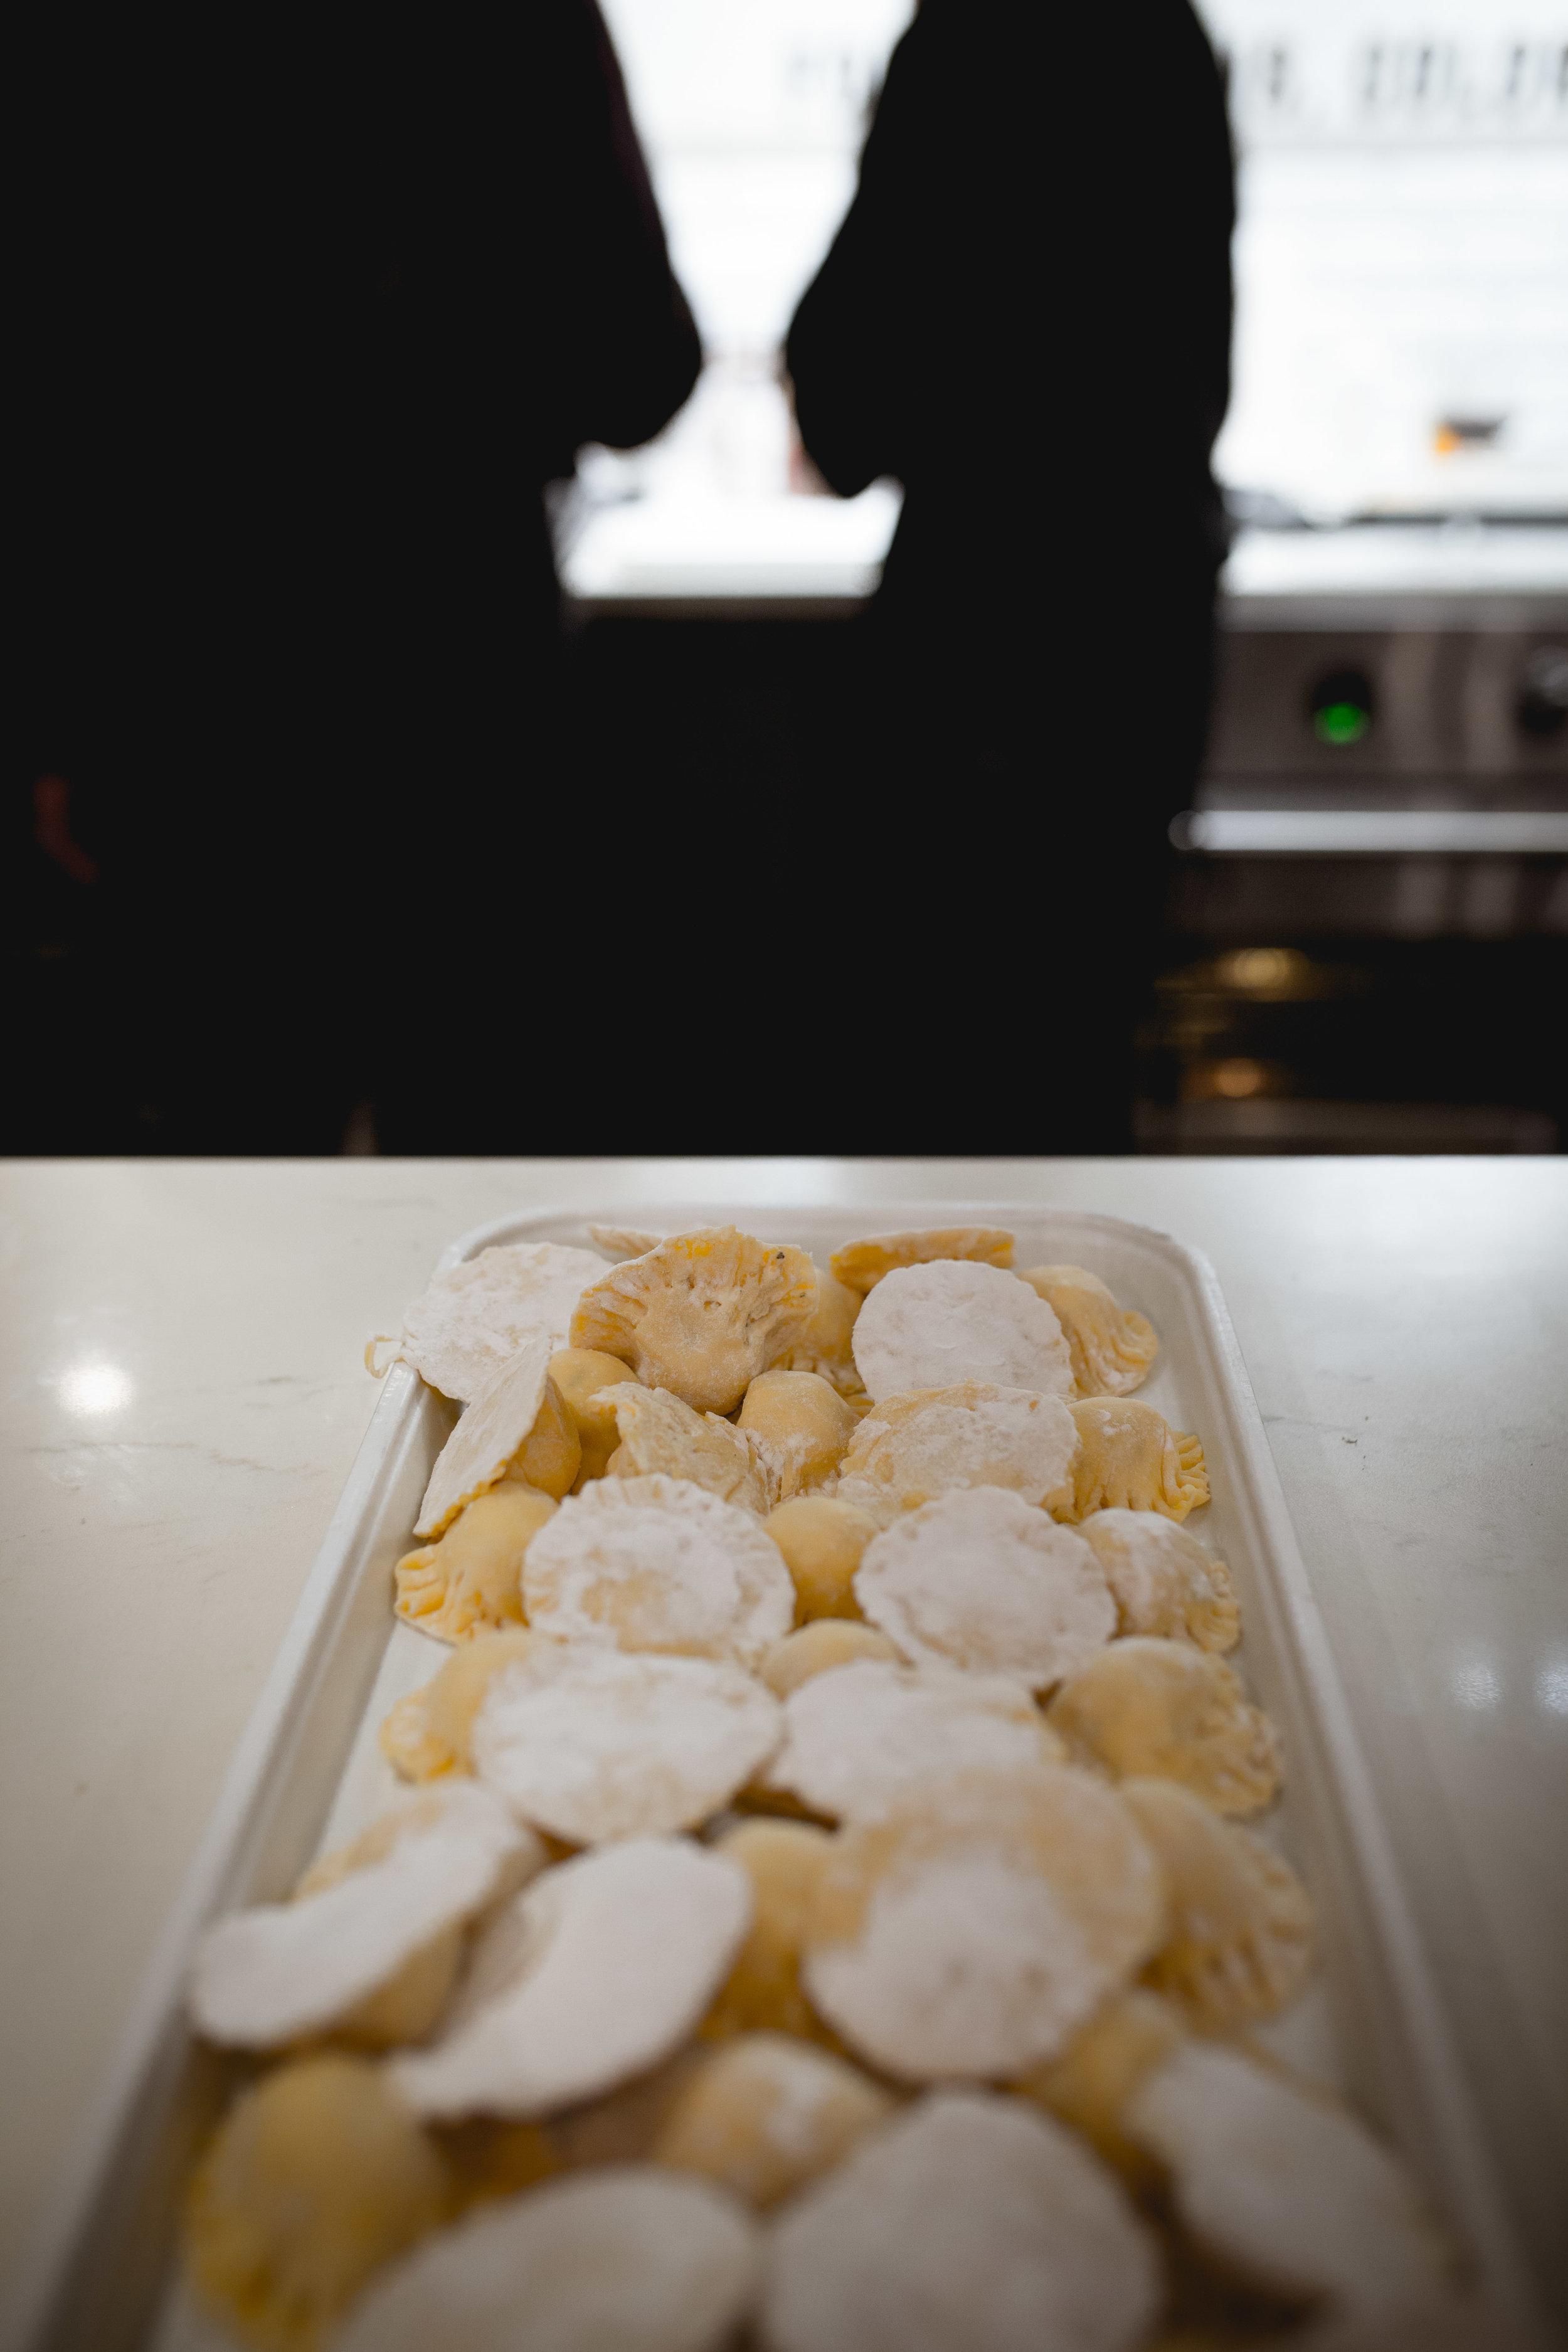 JuliyJuan Ginger Baker Date Night-9217.jpg